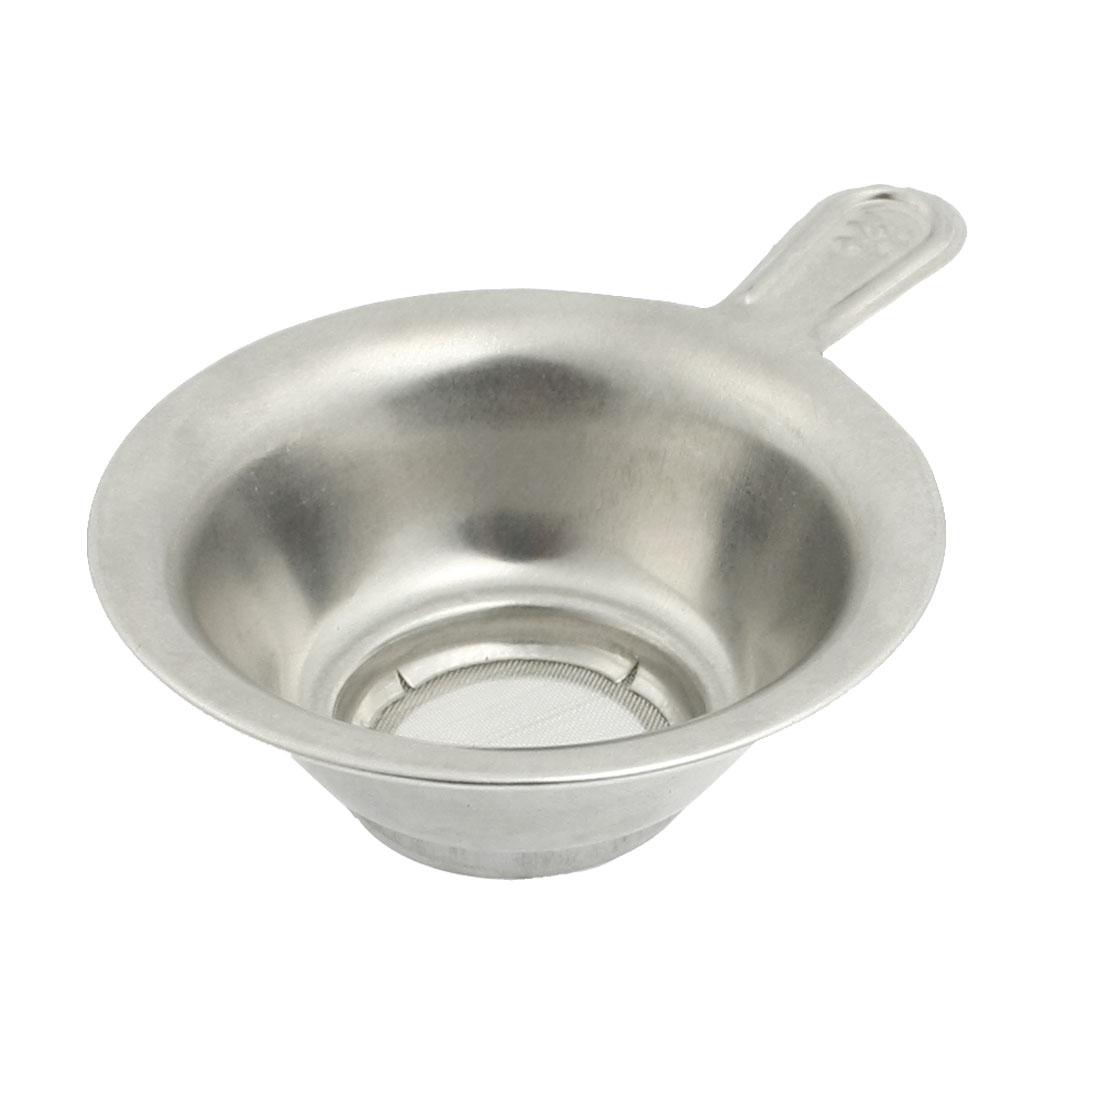 """1.1"""" Depth Meshy Bottom Stainless Steel Tea Bowl Strainer"""